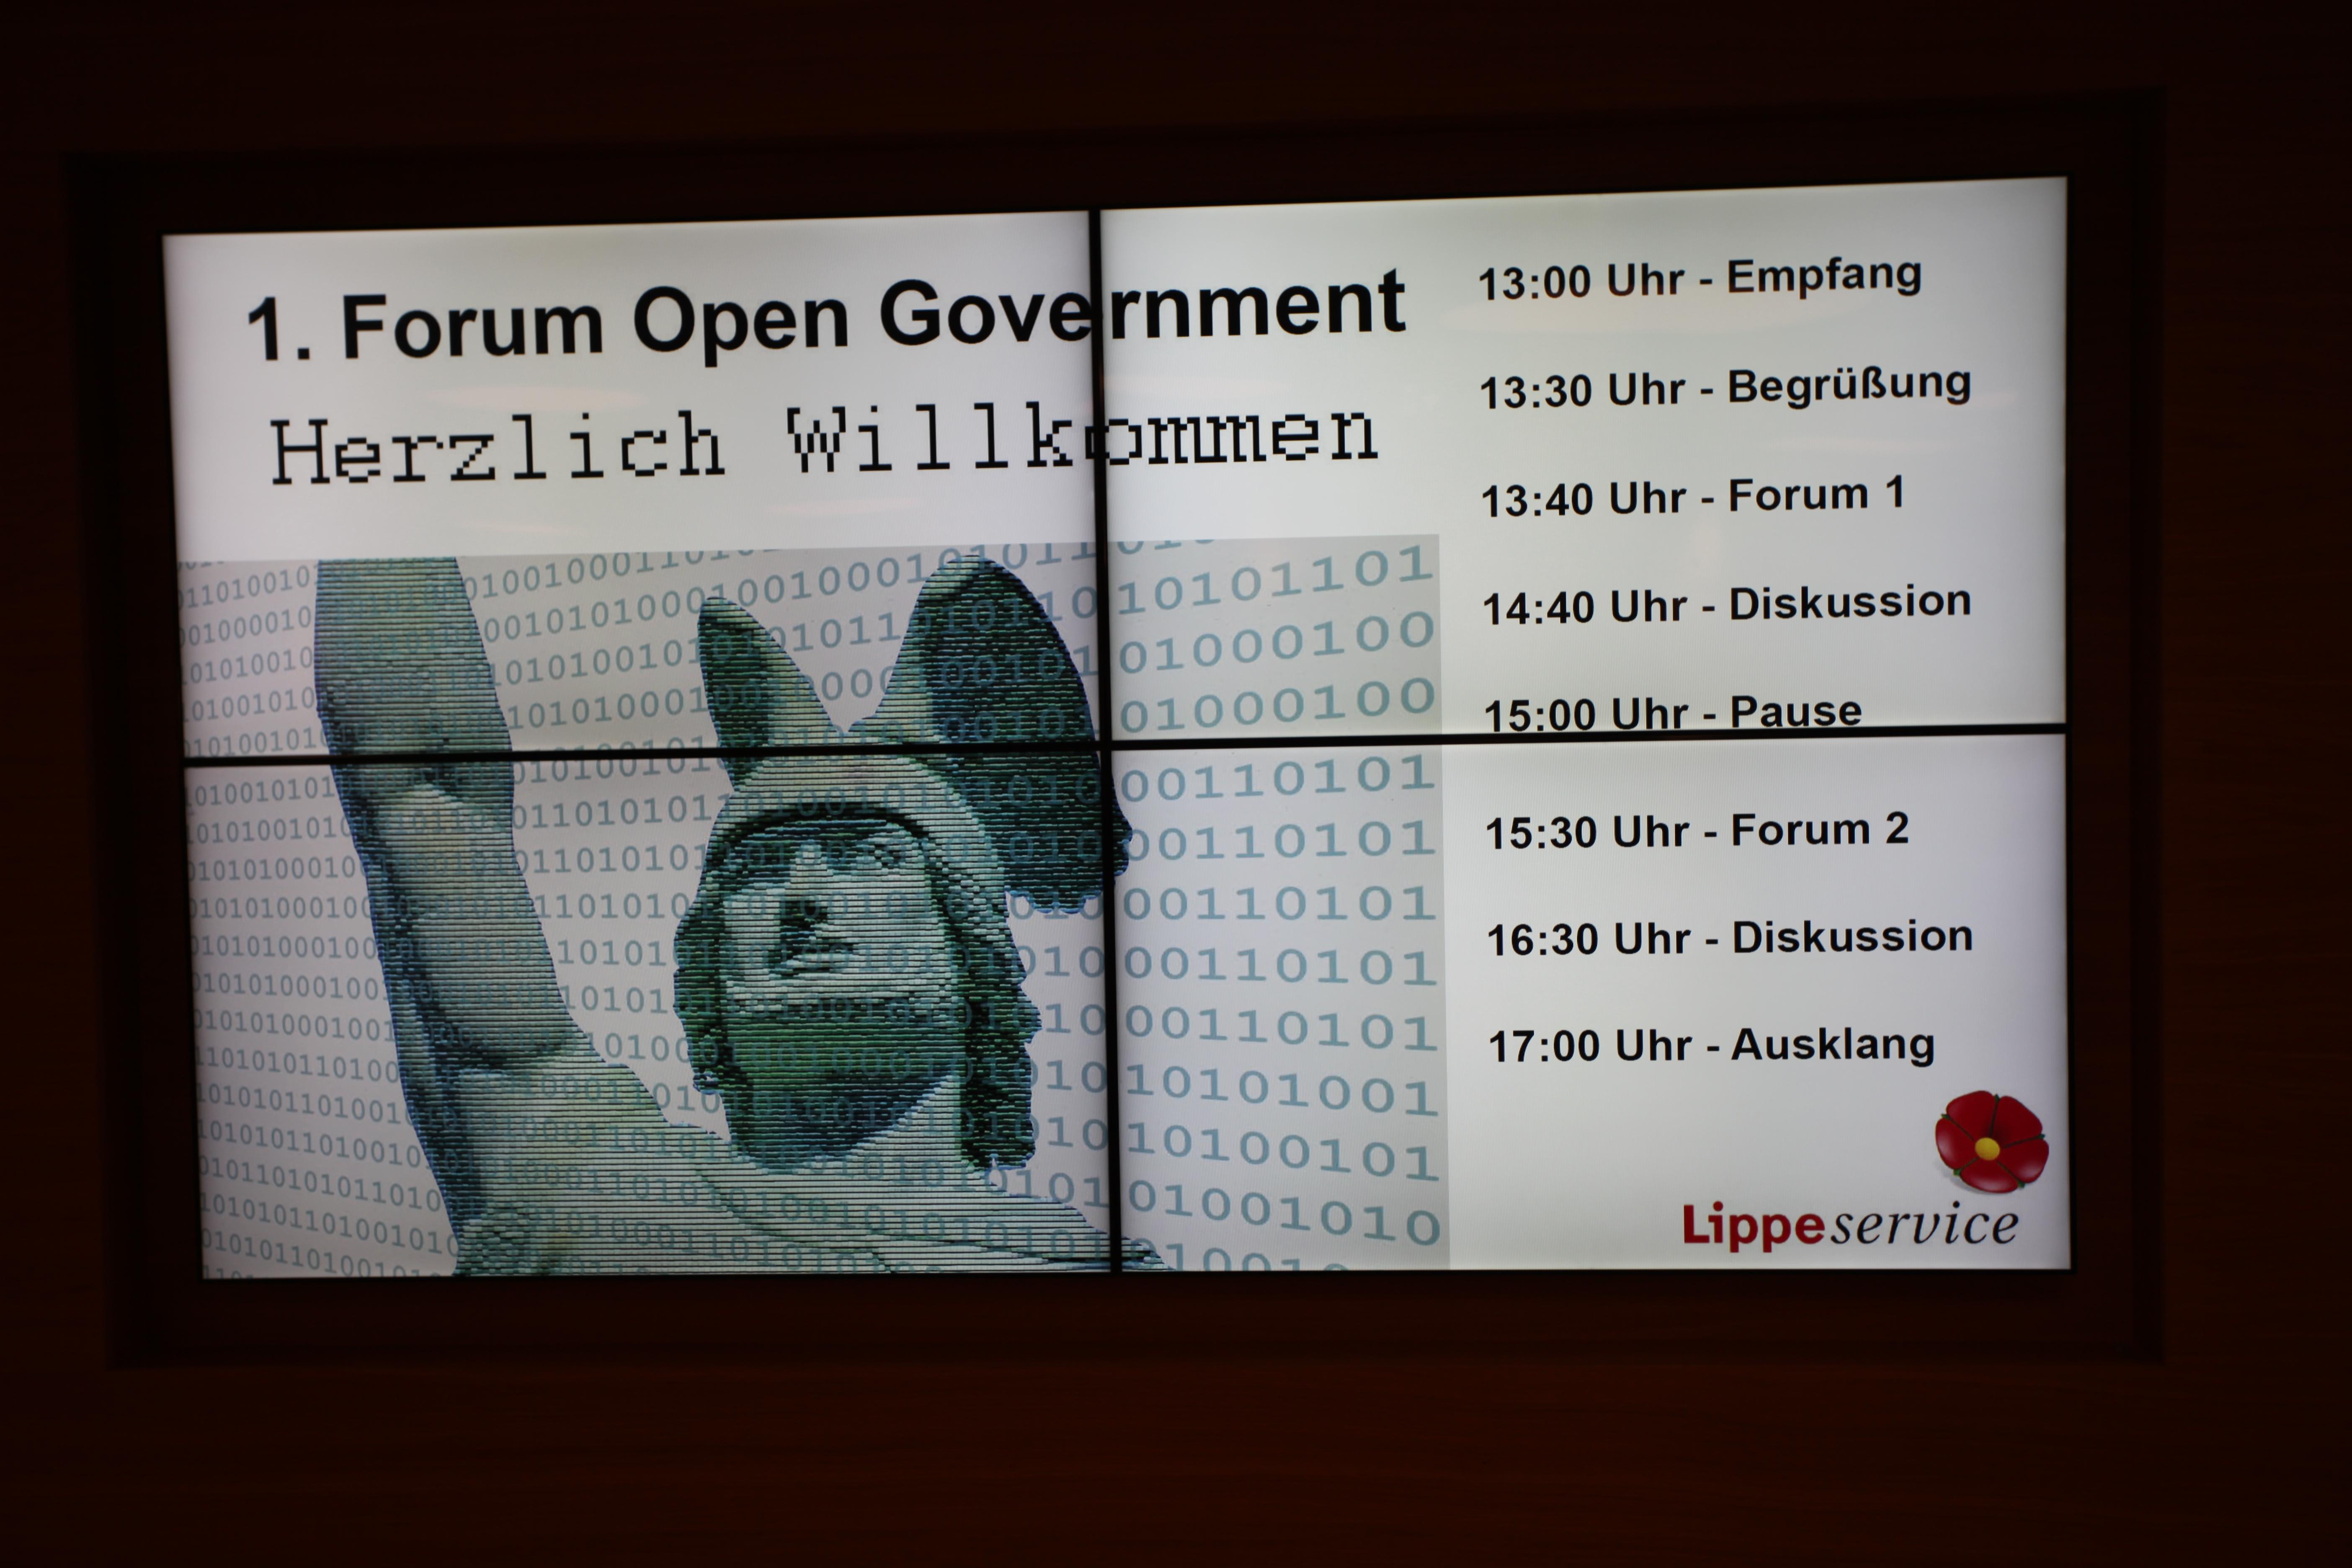 Mehr Transparenz und Mitbestimmung für den Kreis Lippe - das ist das Ziel von Open Government (Foto: Press Medien)